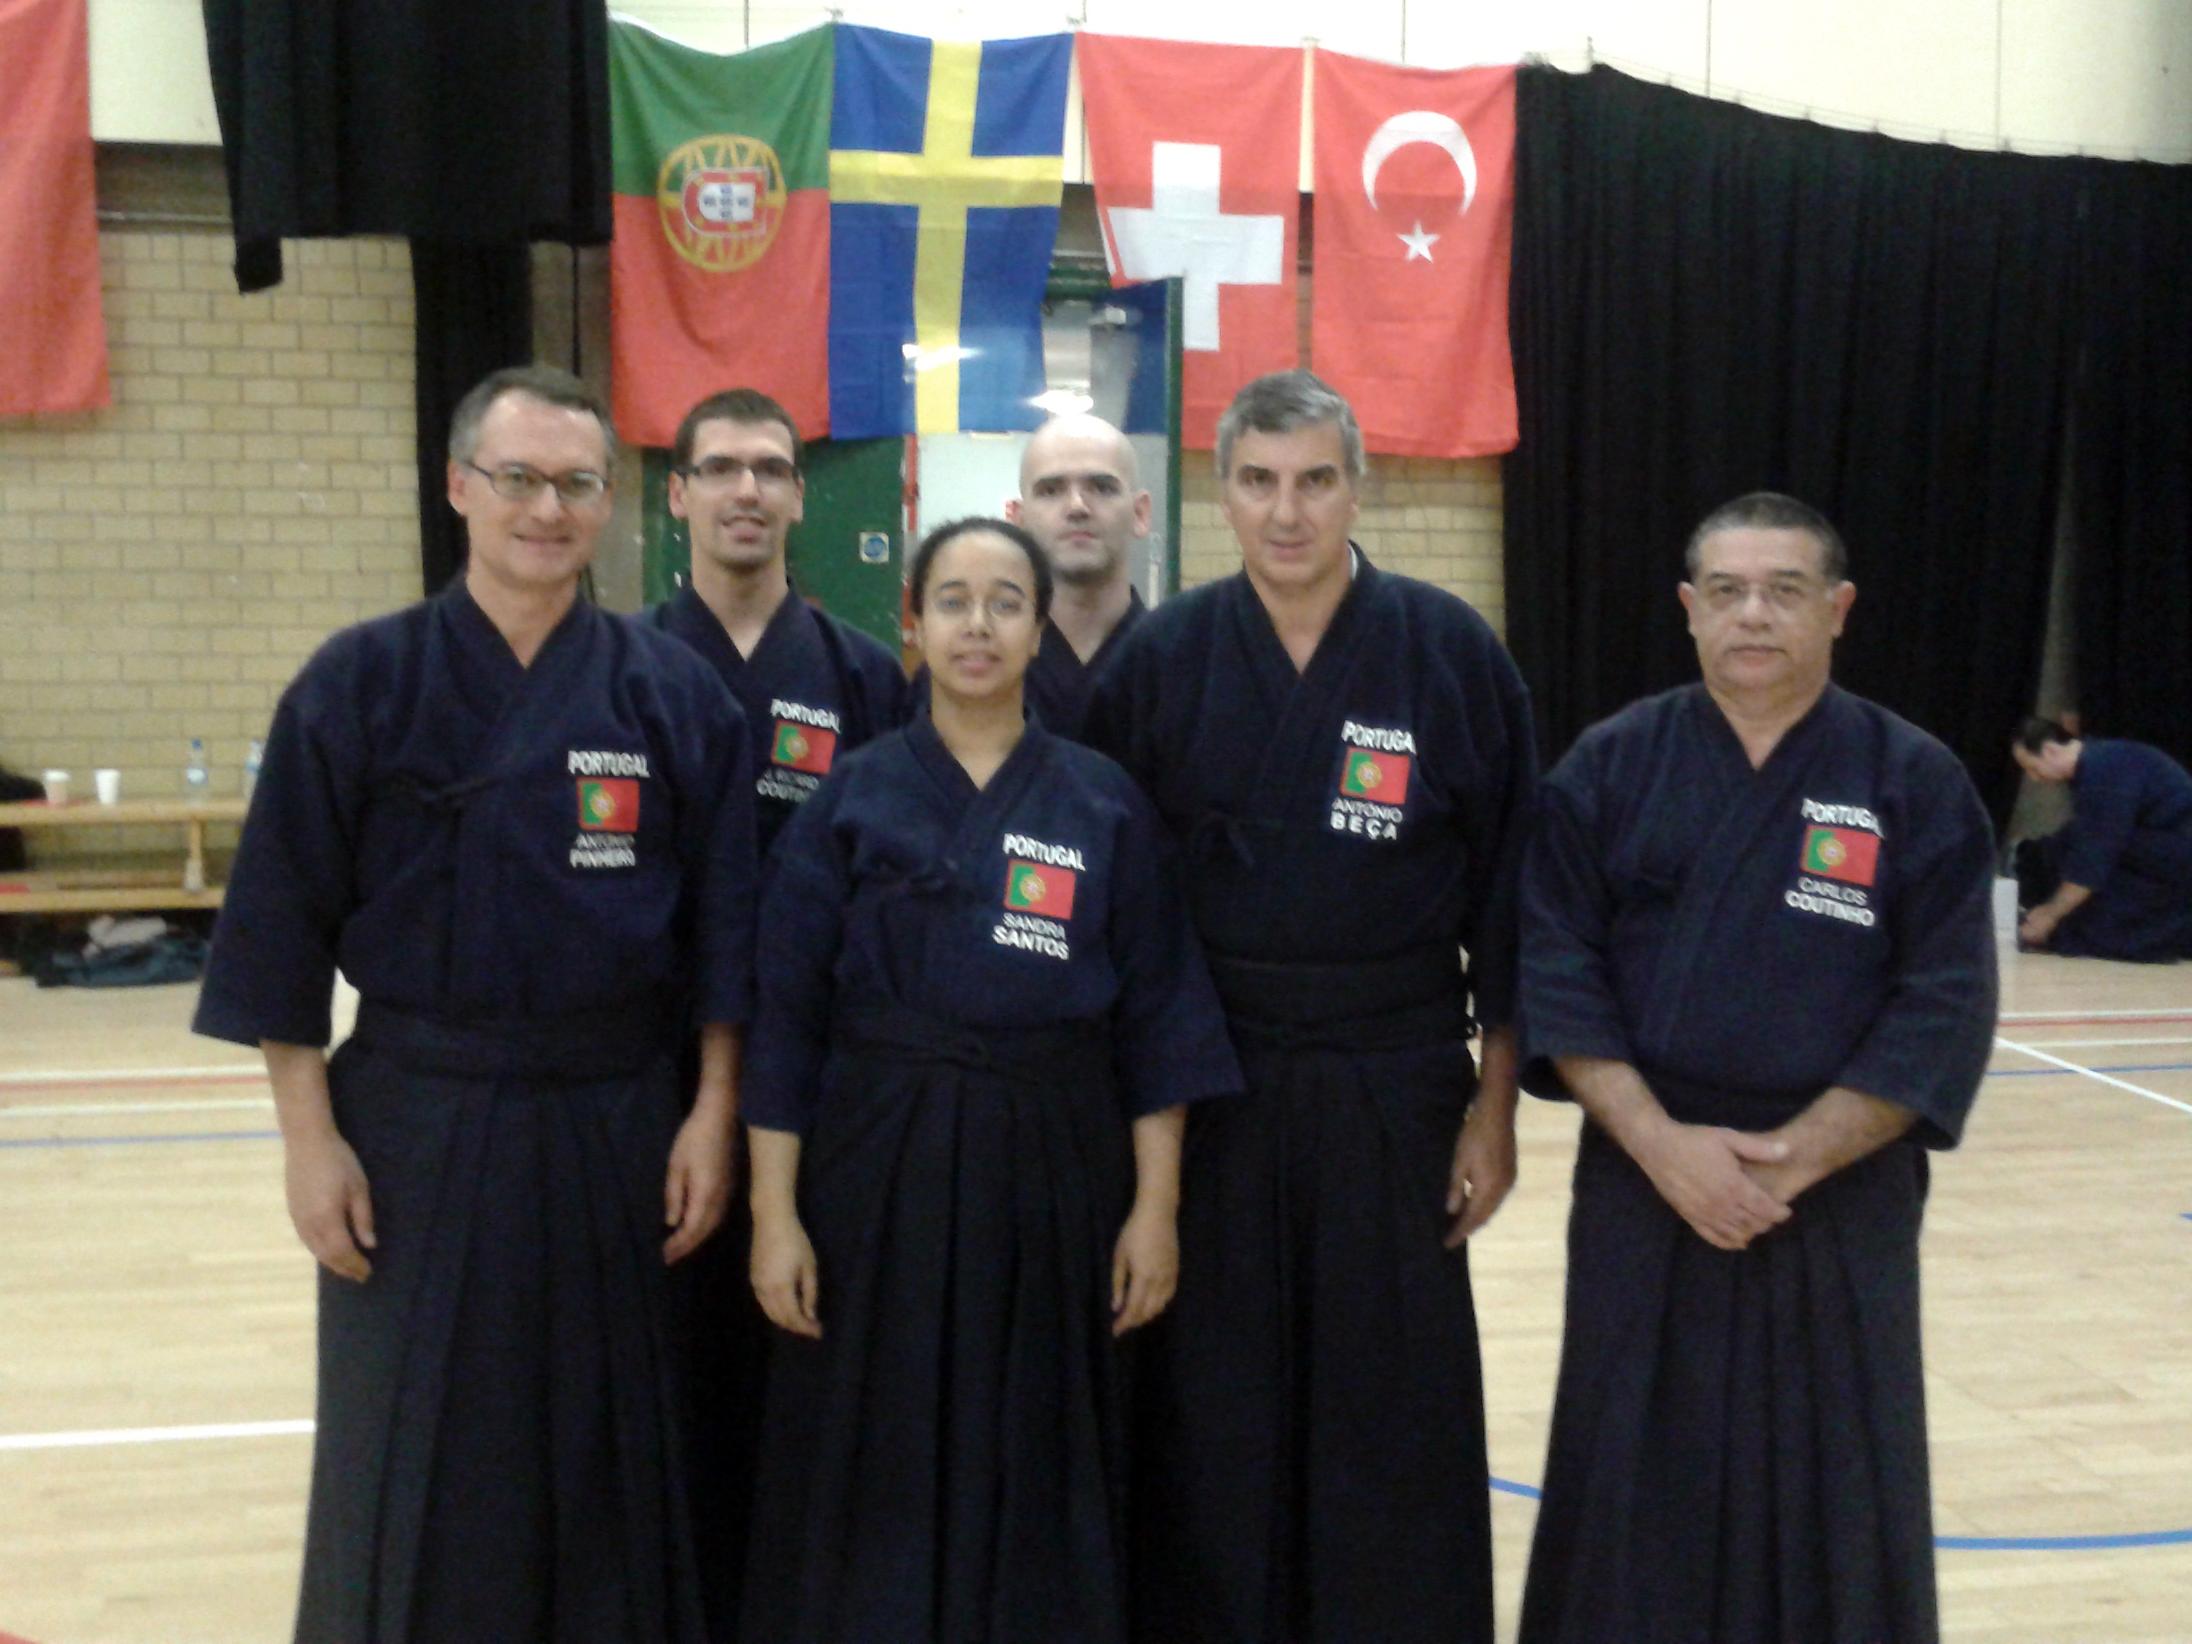 Seleção Nacional de Jodo nos Campeonatos Europeus de Stevenage, 2011